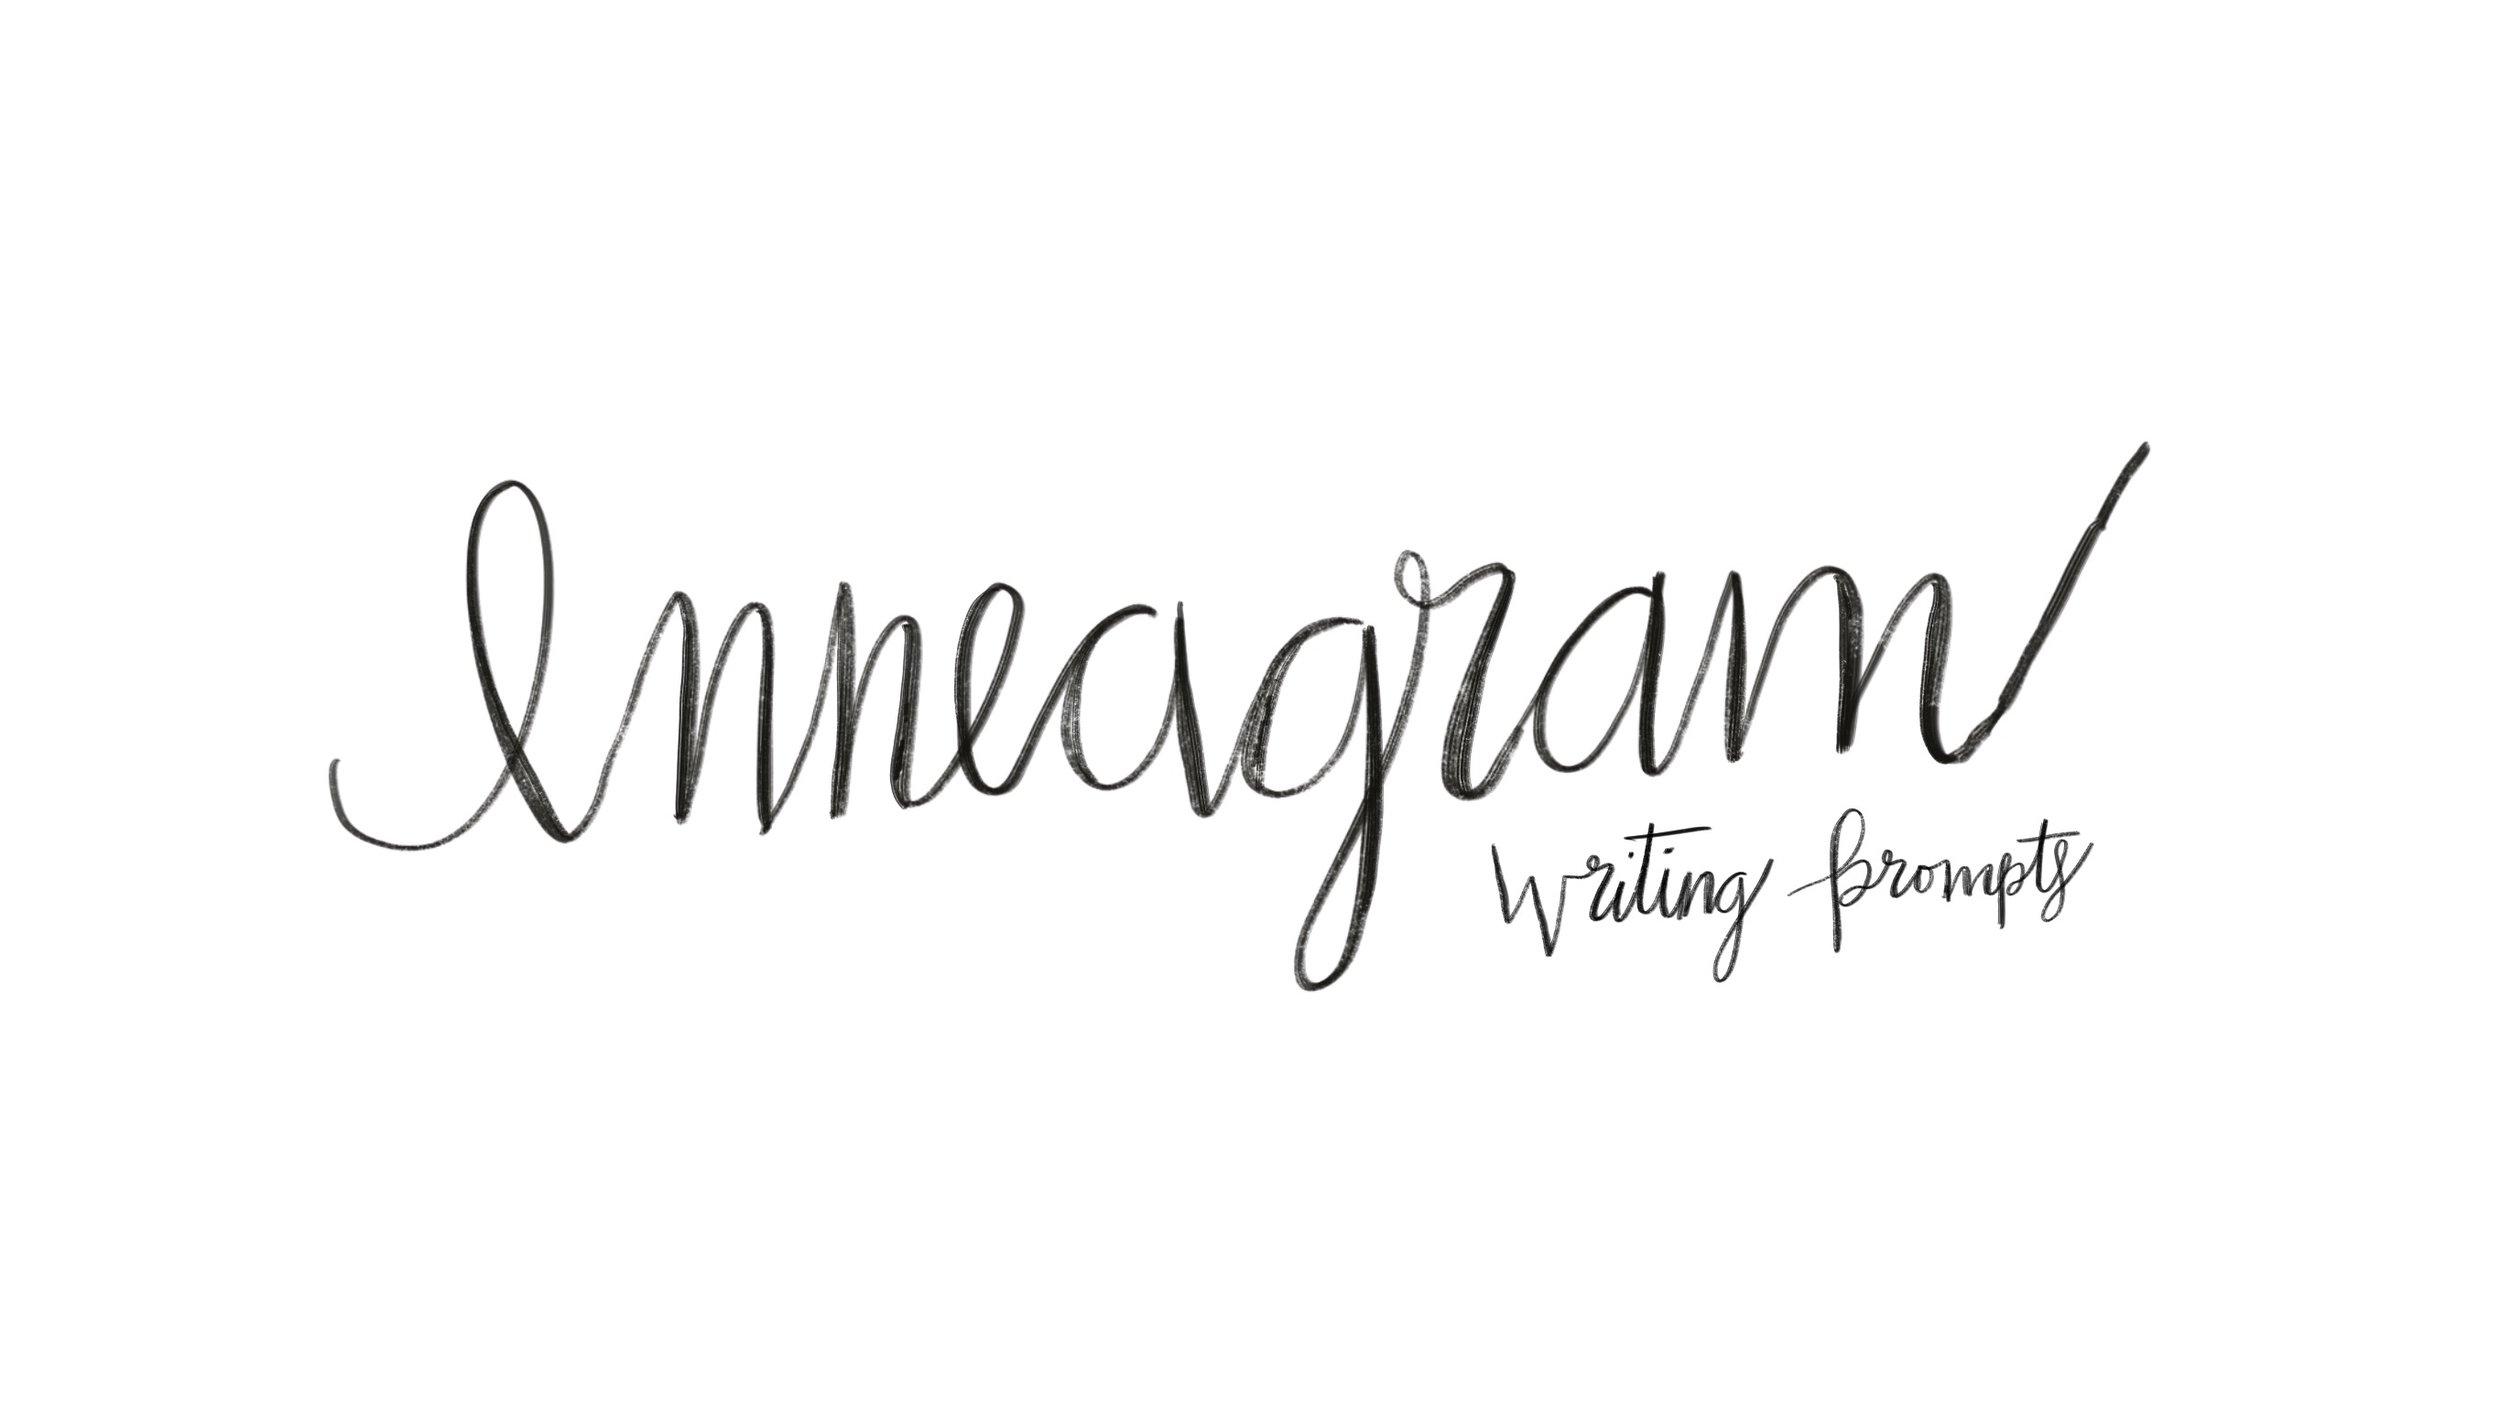 Enneagram_Writing_Prompts.jpg